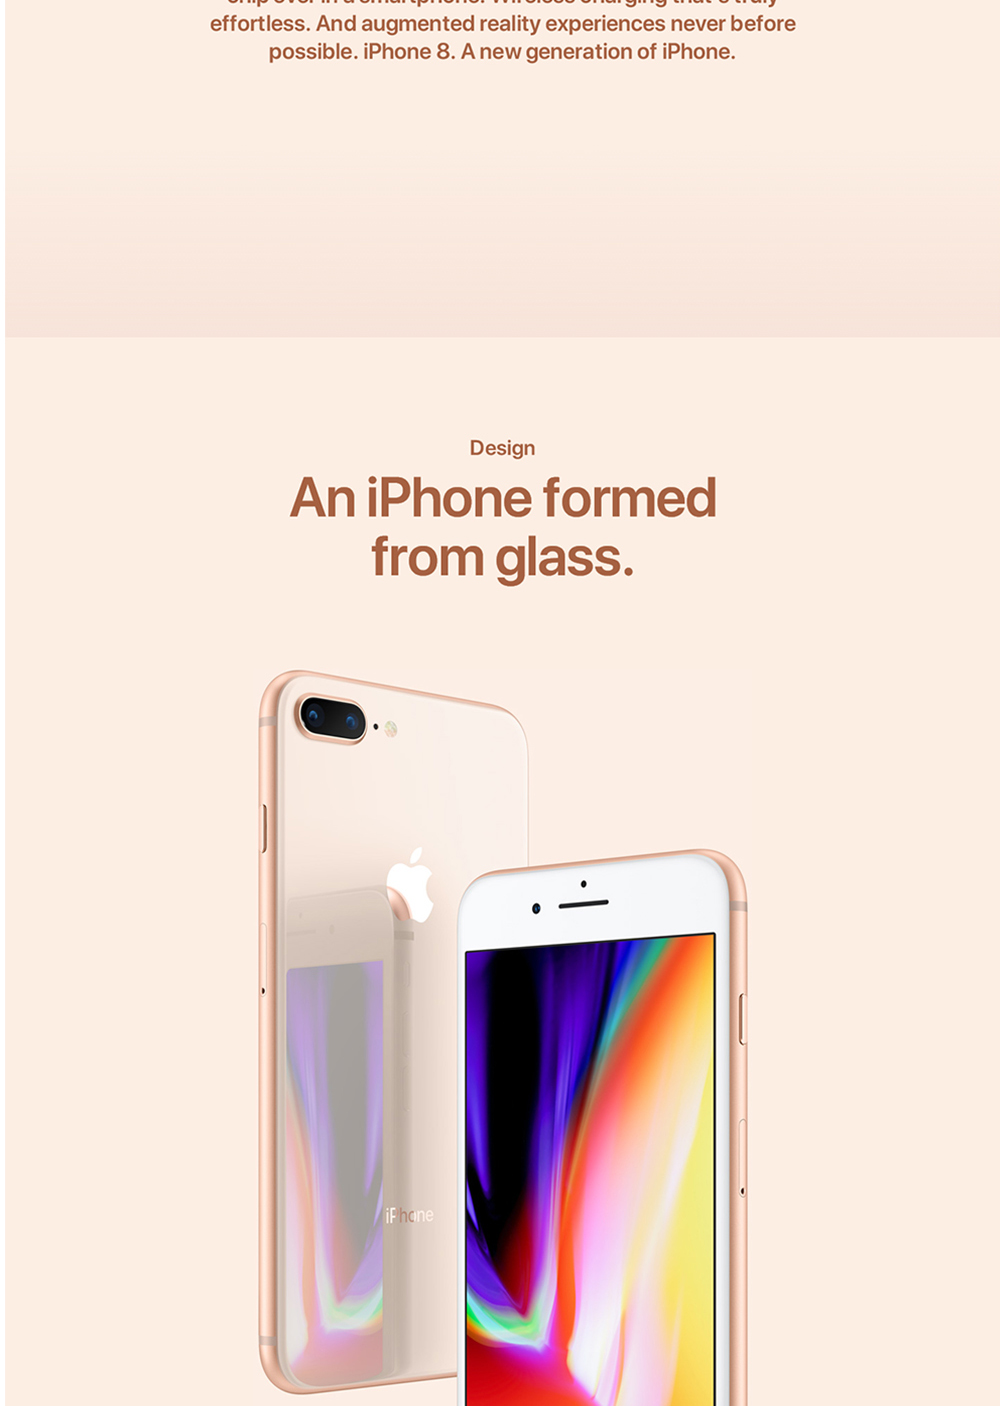 iphone 8 plus 2